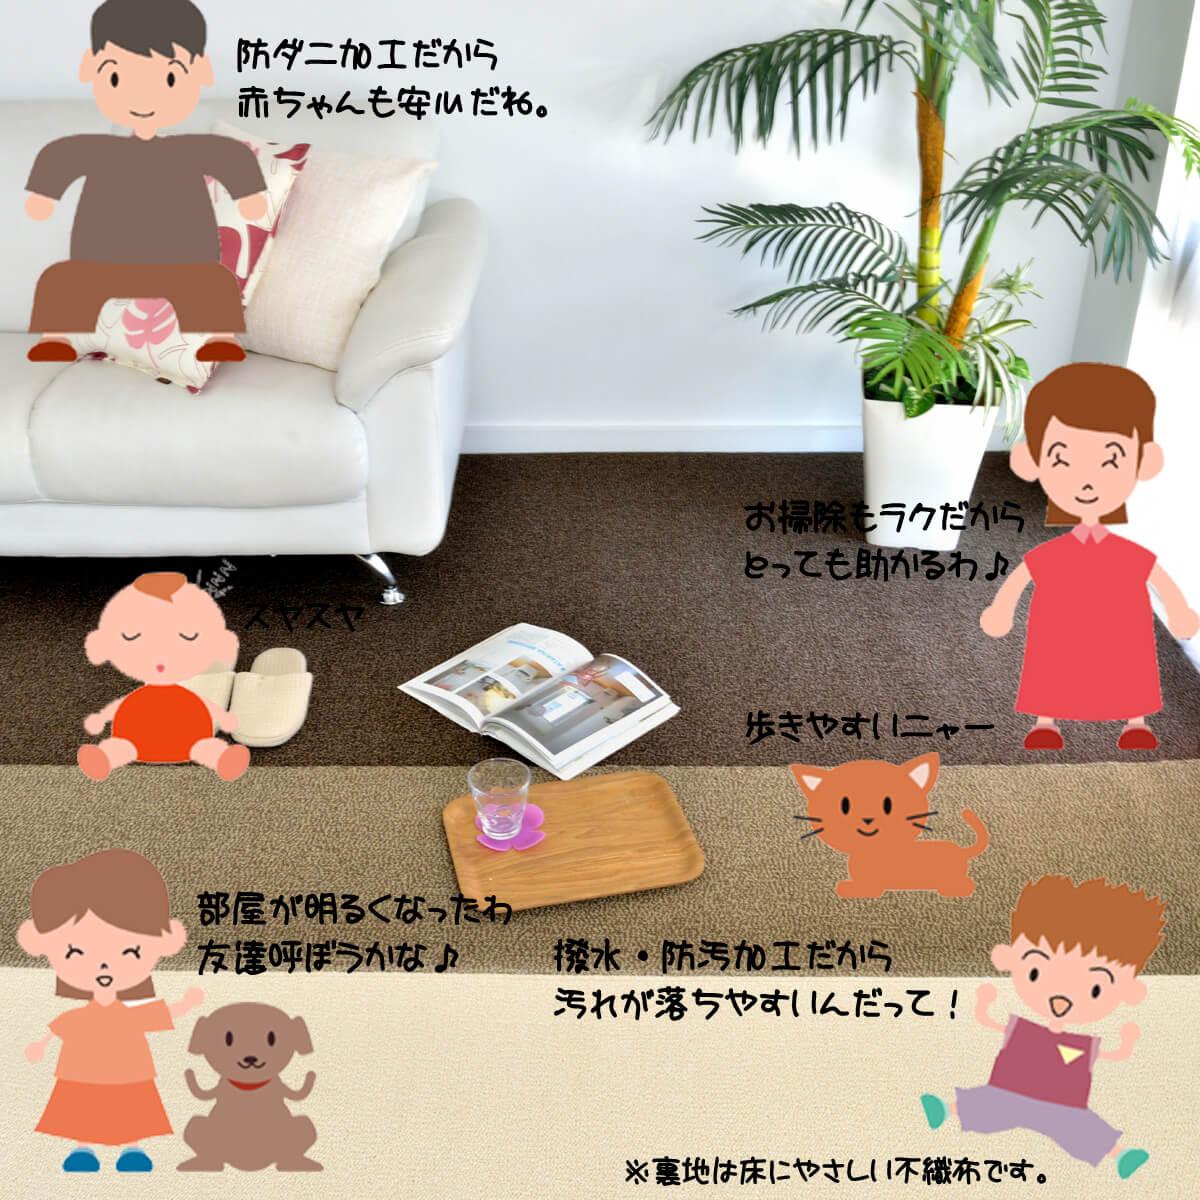 撥水&防汚加工カーペット!こぼしてもサッと拭くだけ!安心の日本製&防ダニ加工で赤ちゃんにも安心♪